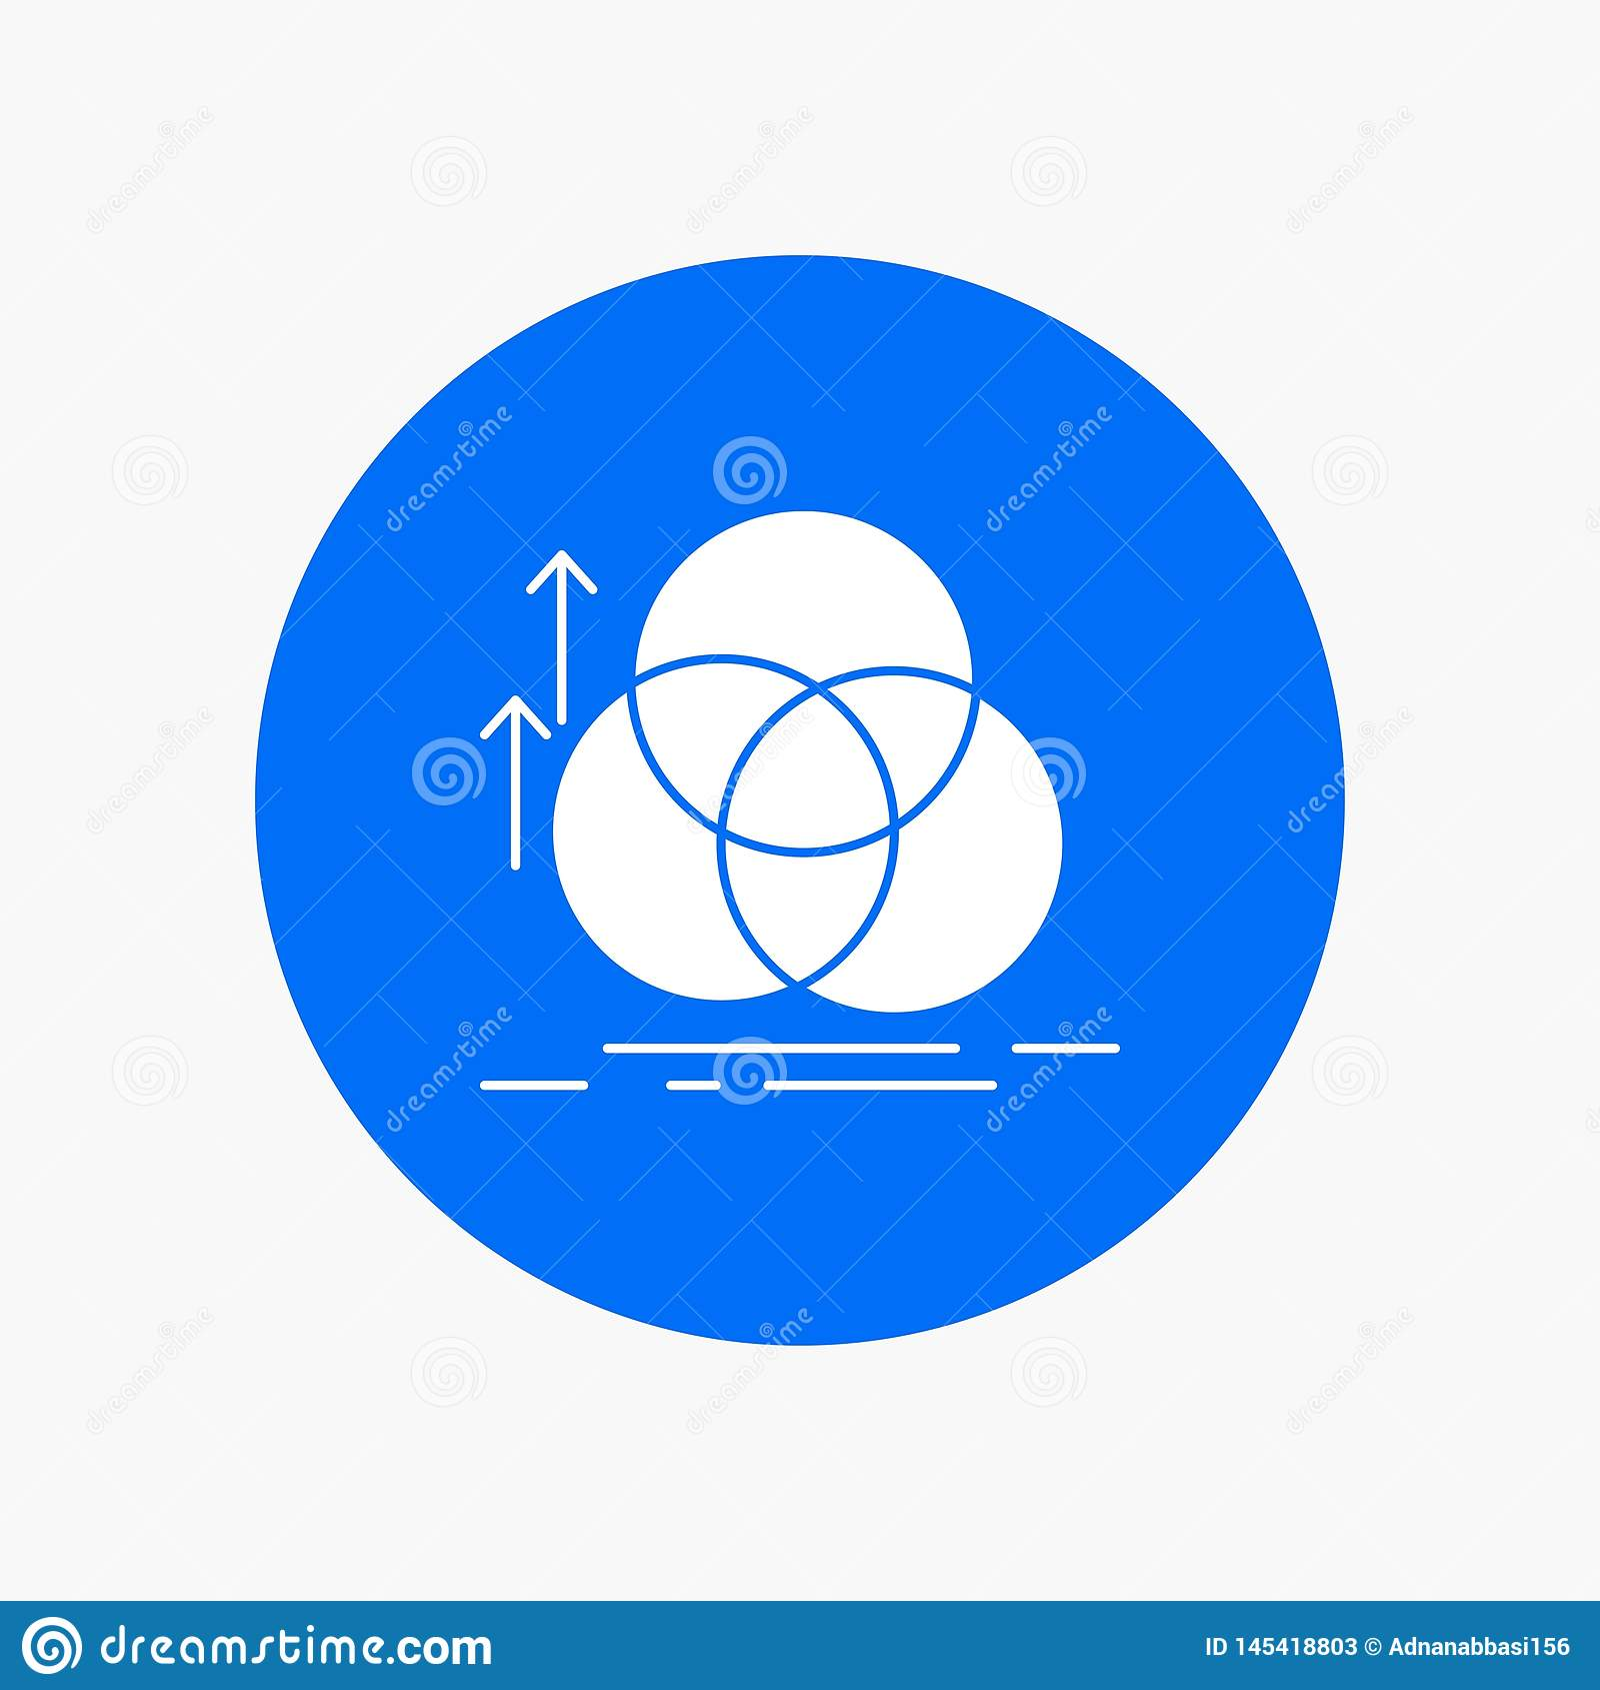 équilibre, cercle, alignement, mesure, icône blanche de Glyph de la géométrie en cercle Illustration de bouton de vecteur